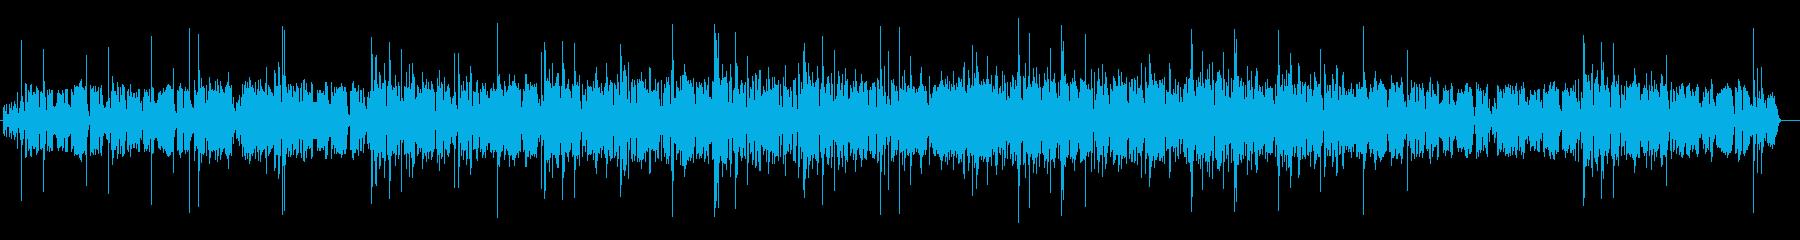 クラリネットの楽しくて陽気な雰囲気の楽曲の再生済みの波形